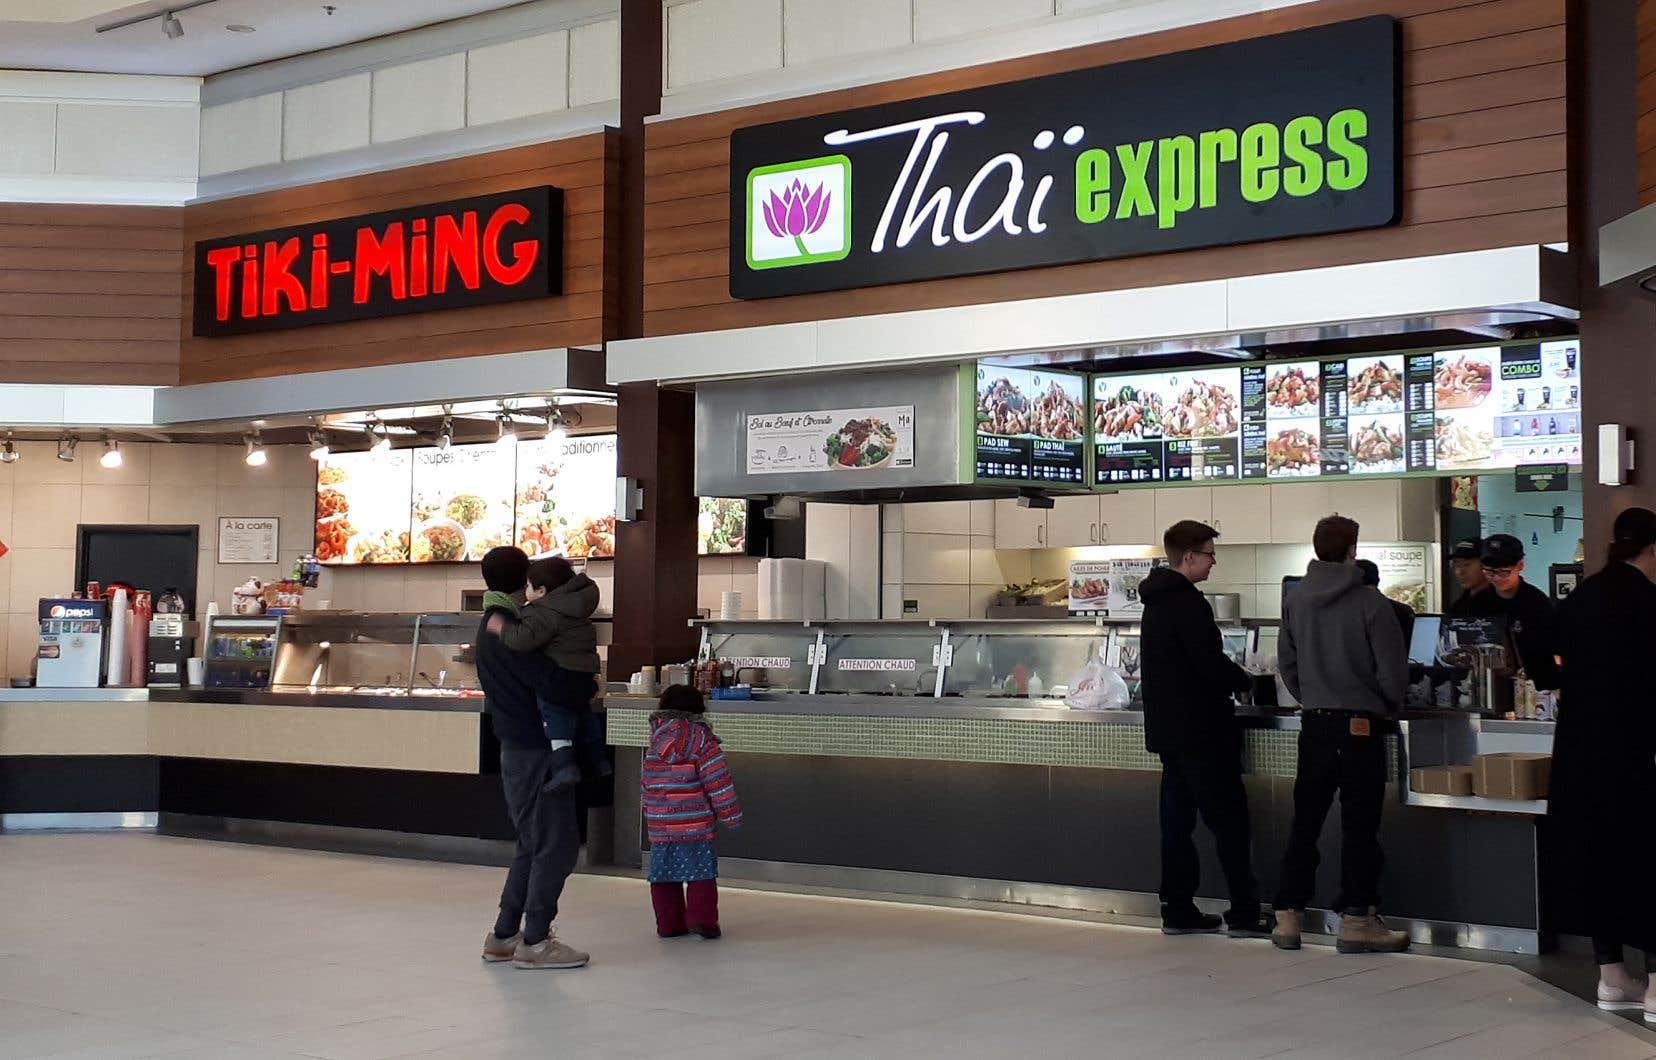 Le patron du propriétaire de marques telles que Thai Express, Tiki-Ming, Tutti Frutti et Valentine a été questionné par les analystes, étant donné que le dévoilement des résultats, initialement prévu mardi dernier, avait été reporté.